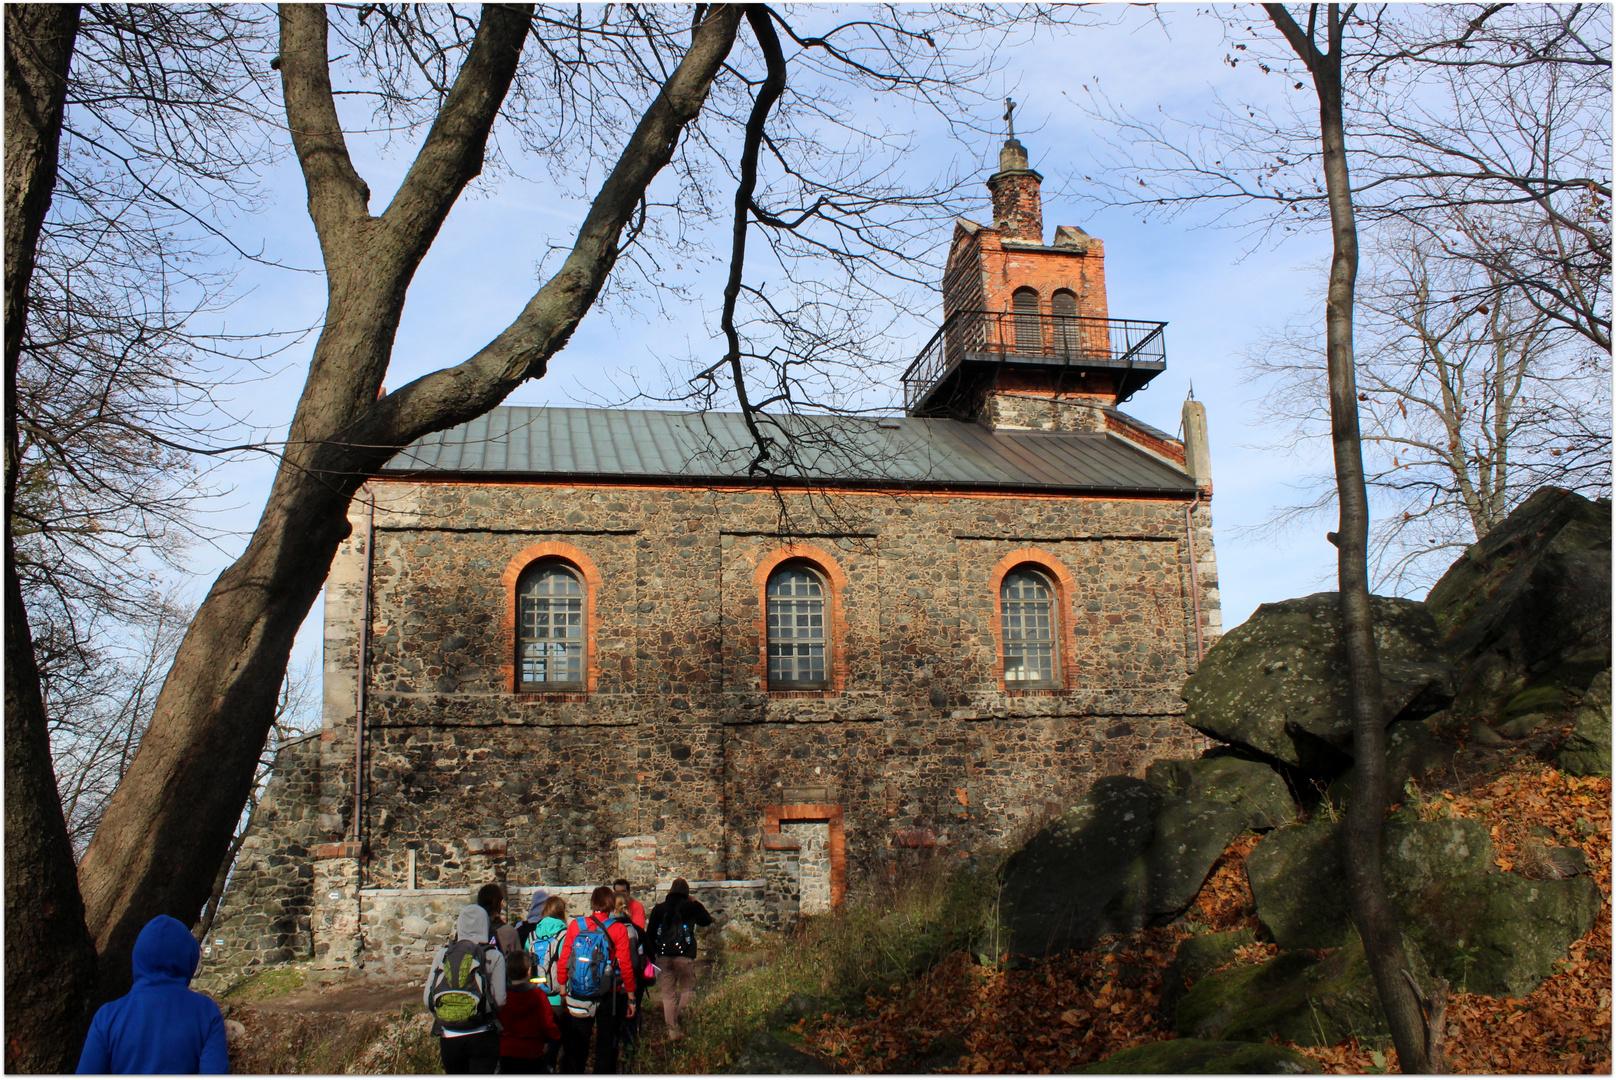 Kapelle auf dem Zobtenberg bei Sobotka, in der Nähe von Wroclaw